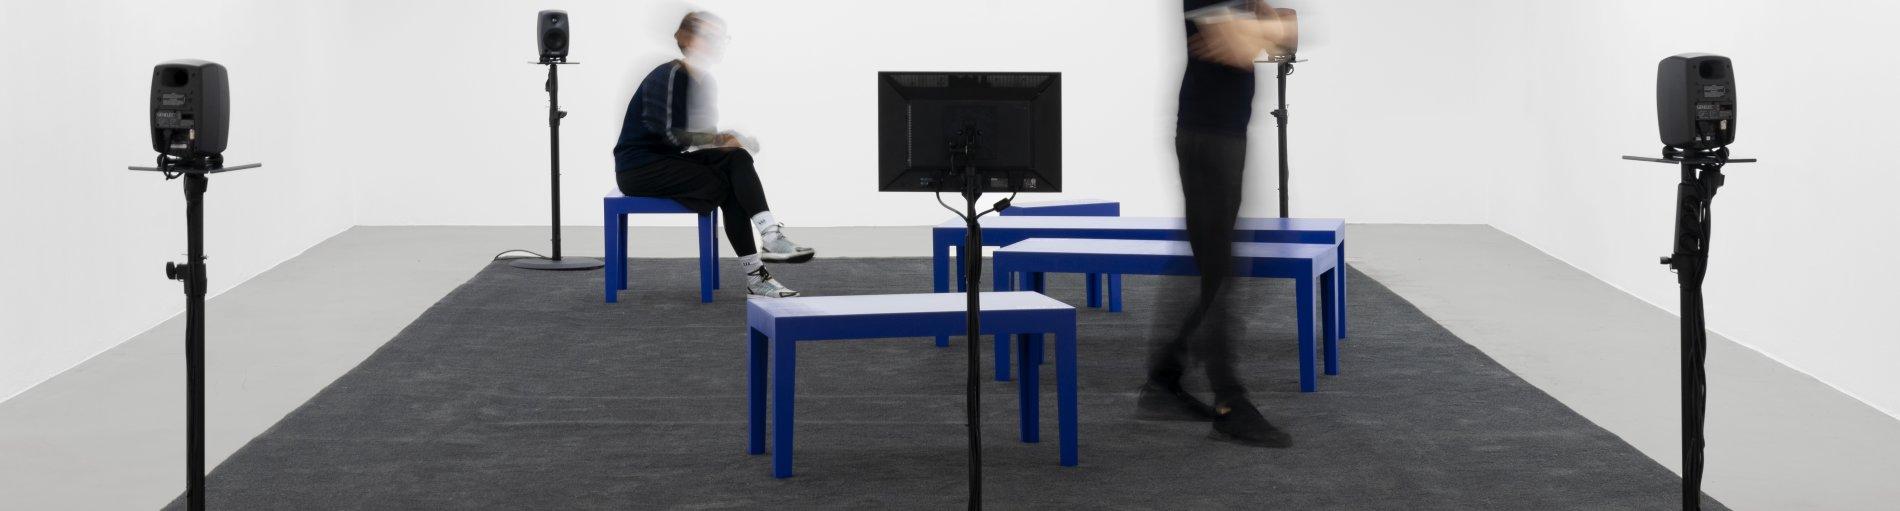 In einem weißen Raum stehen Lautsprecher und blaue Bänke.